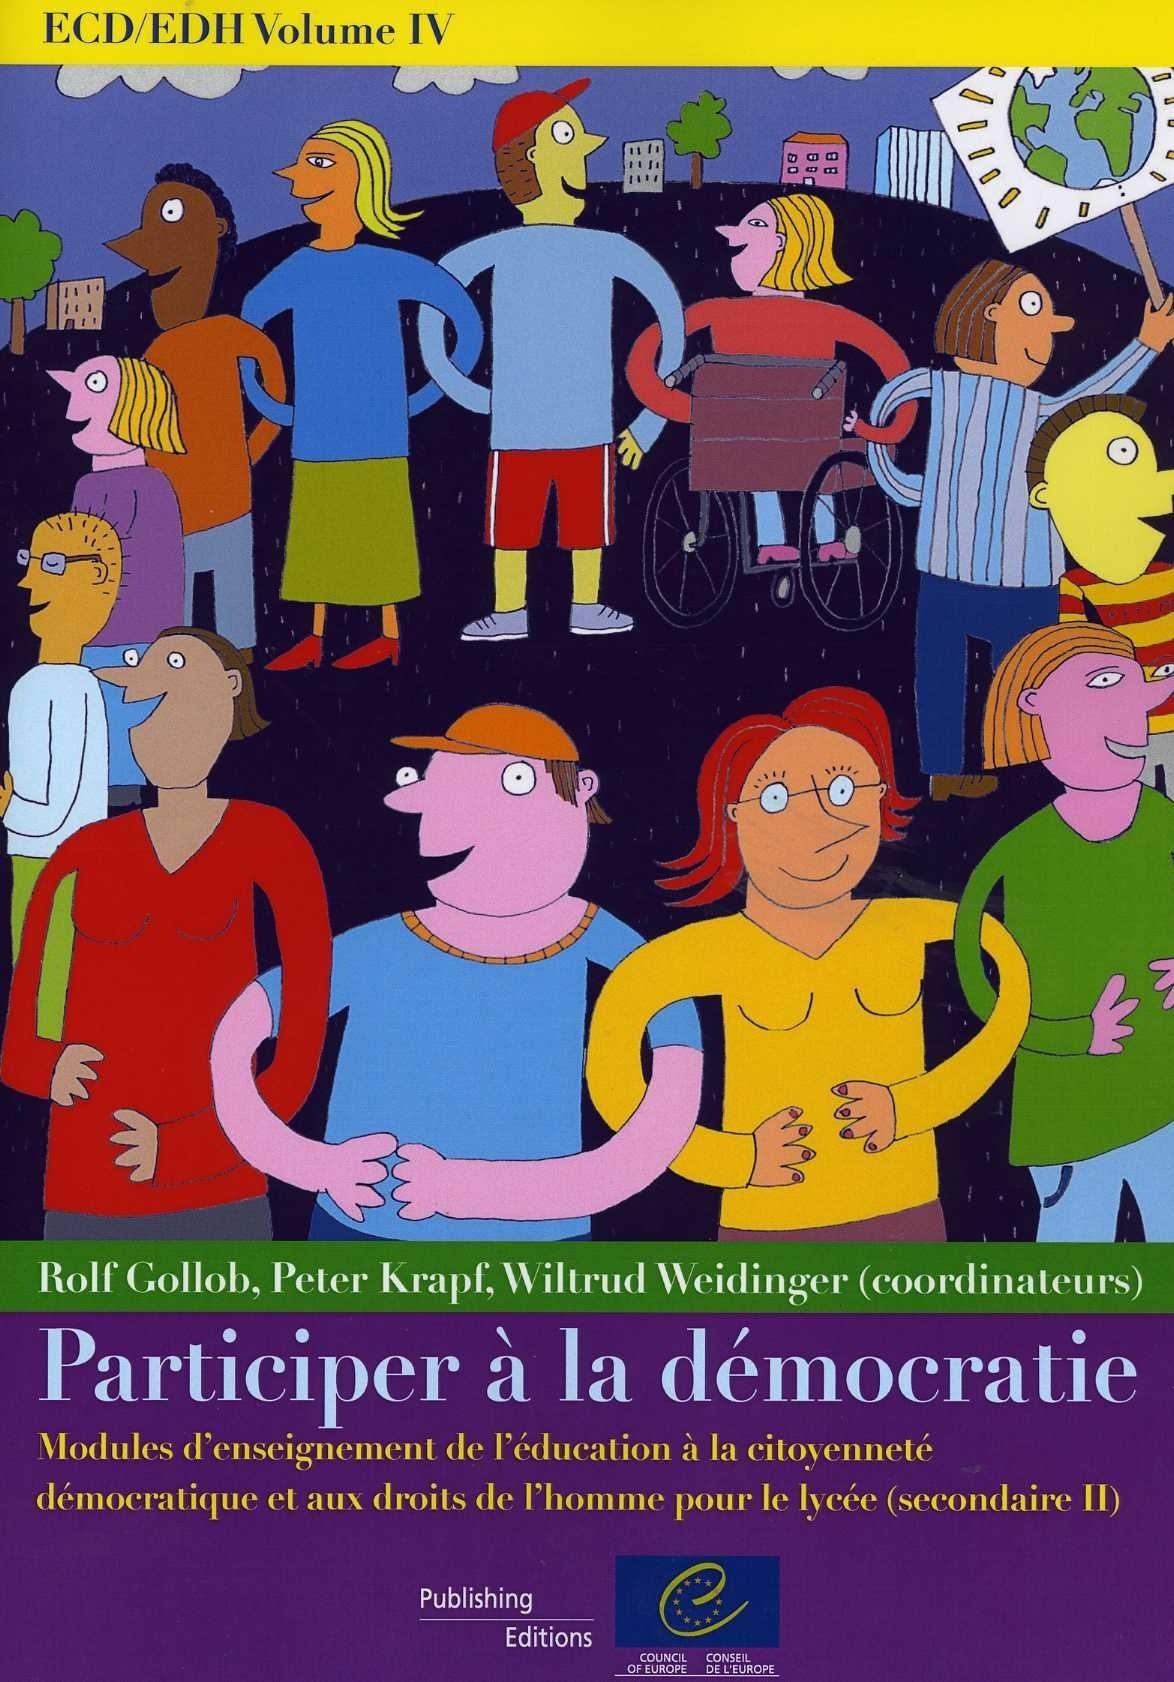 Ecd/edh volume iv participer a la democratie - modules d'enseignement